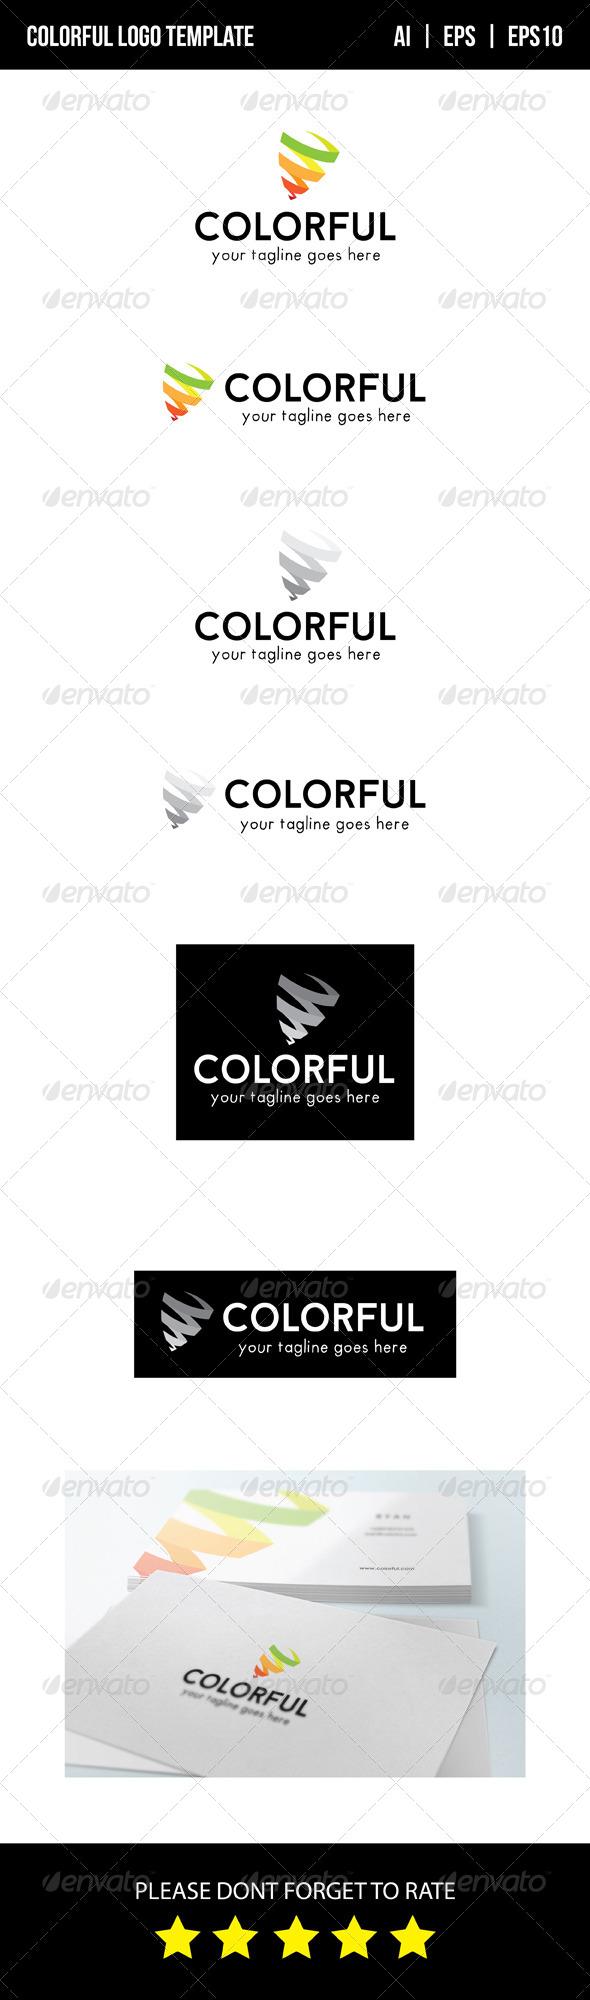 GraphicRiver Colorful Logo Template 8624610